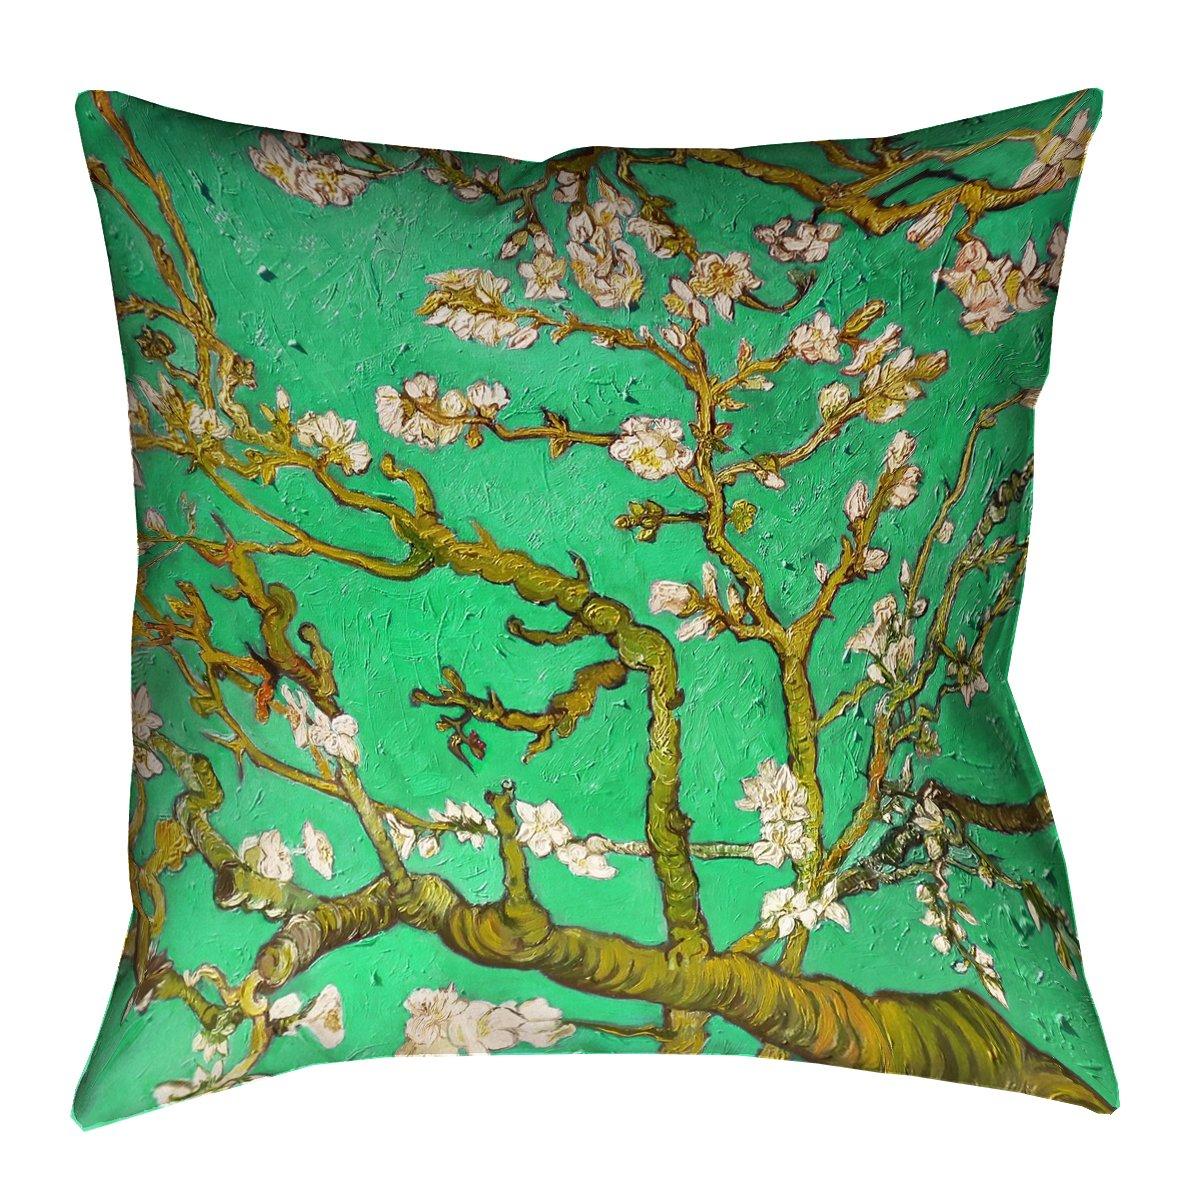 ArtVerse Vincent Van Gogh 20 x 20 Spun Polyester Almond Blossom in Green Pillow